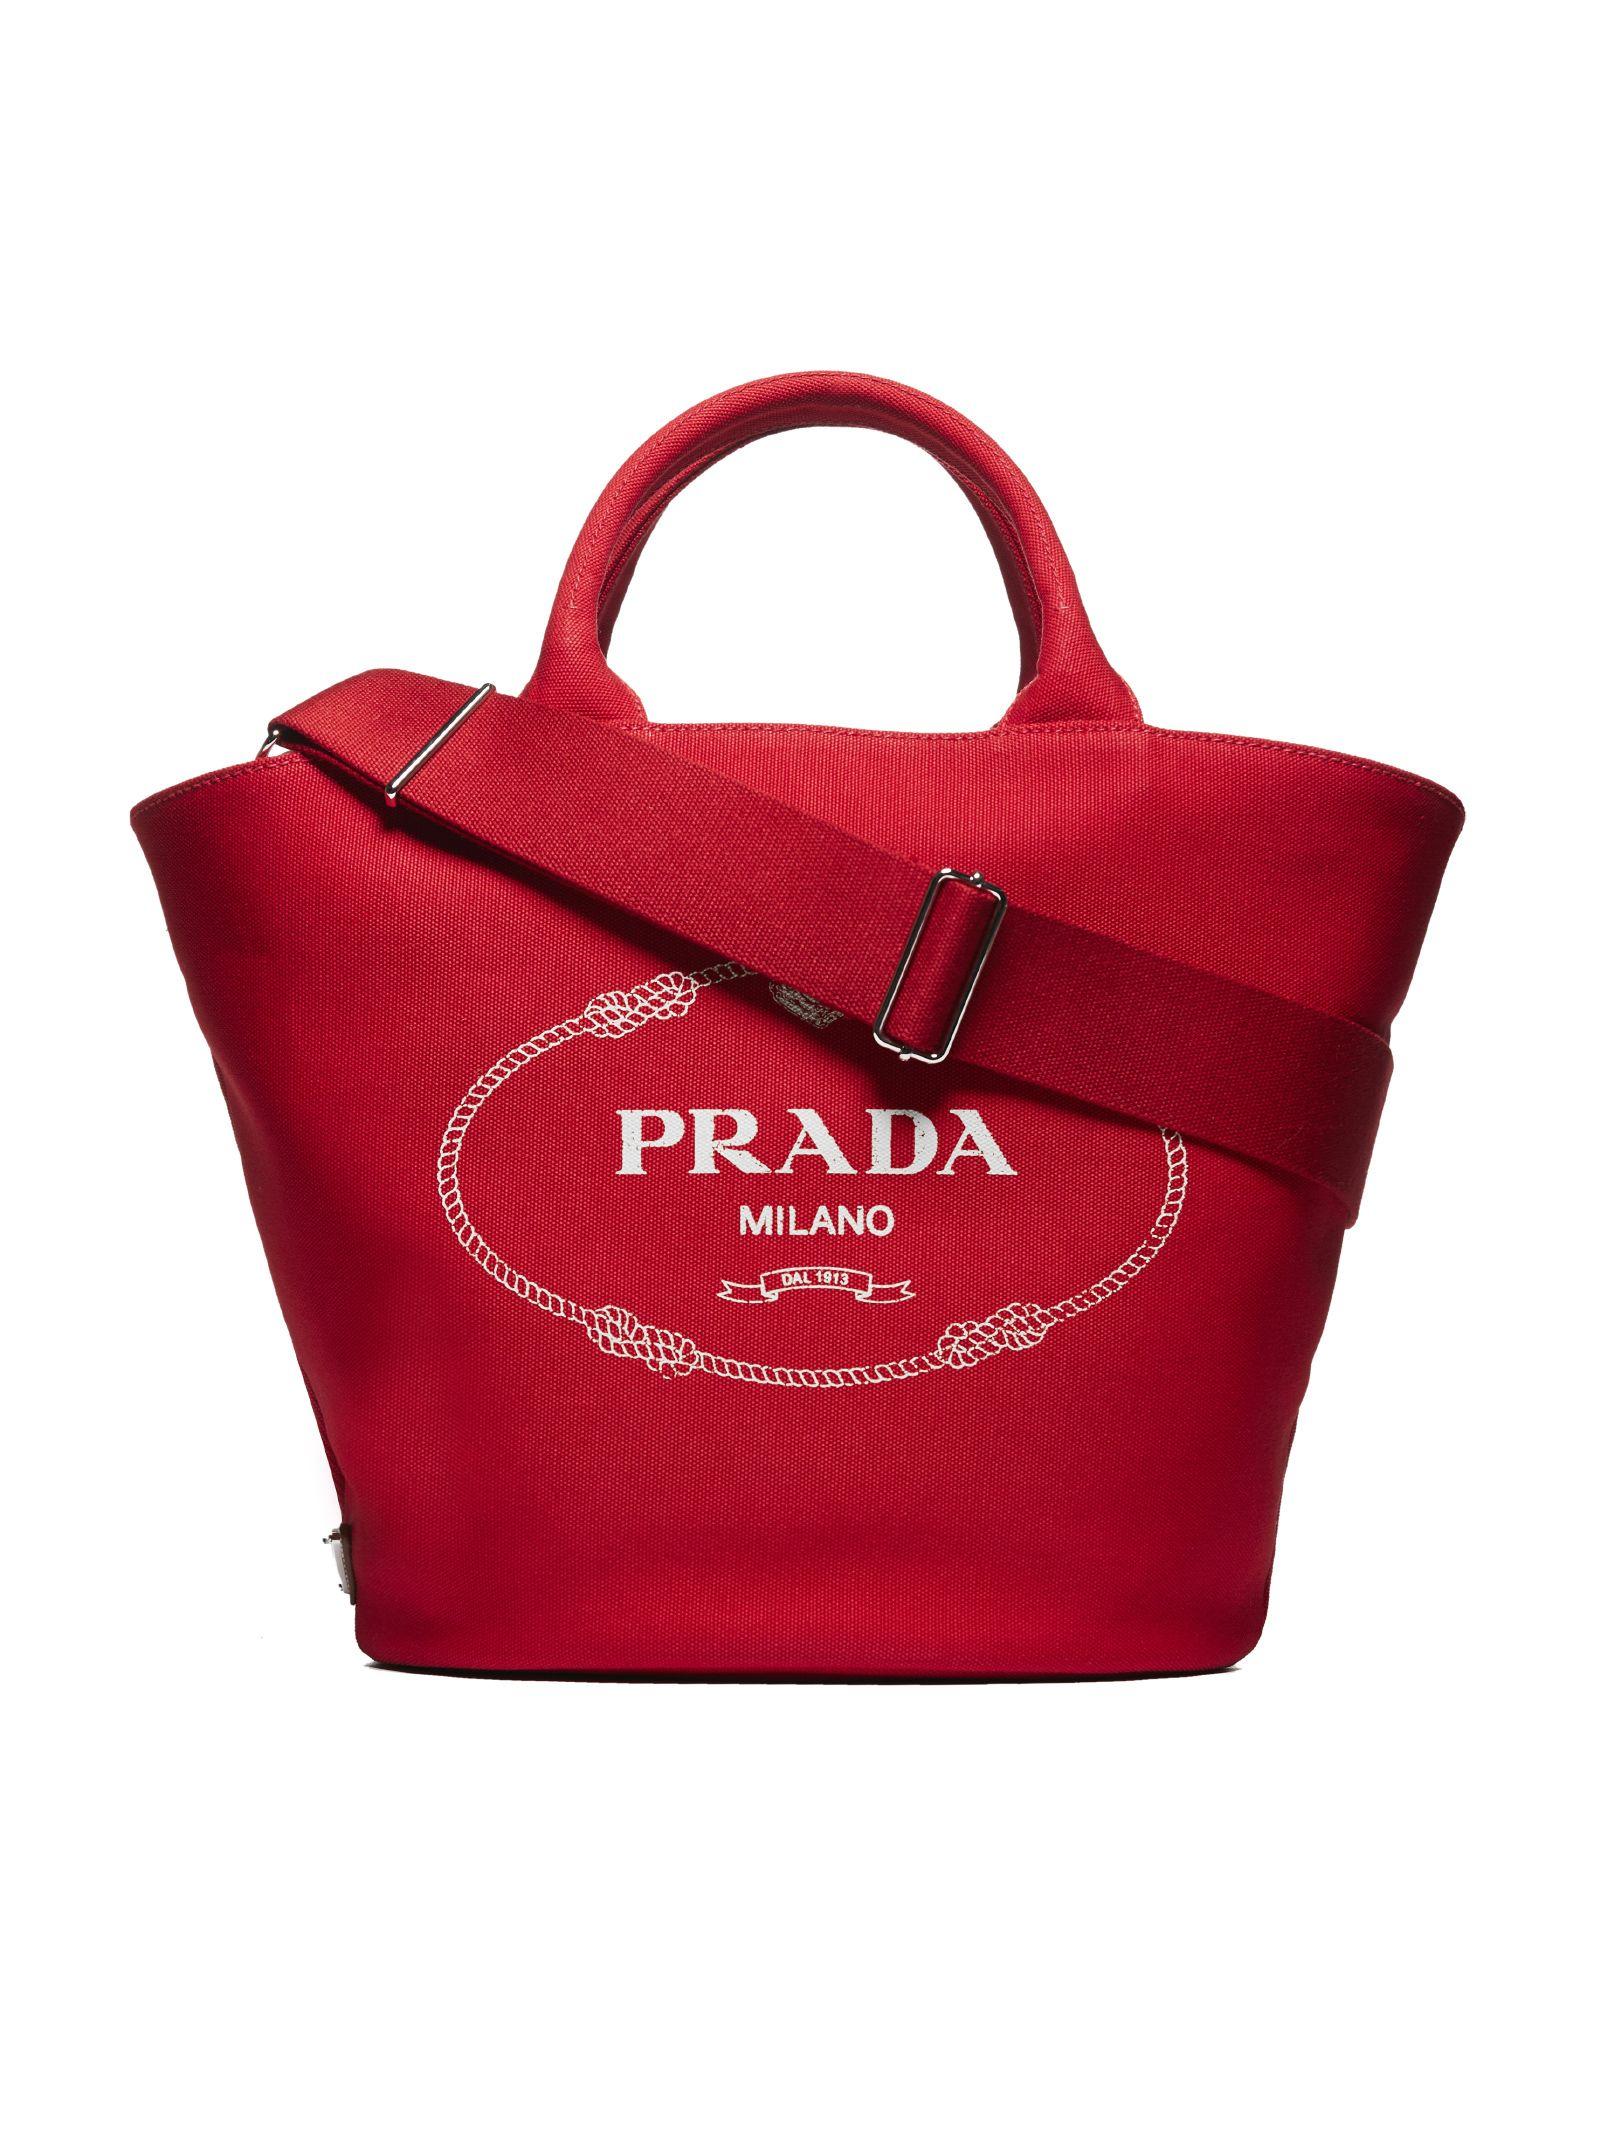 209cb7f5751a Prada Prada Giardiniera Shopper Bag - Rosso - 10786950   italist